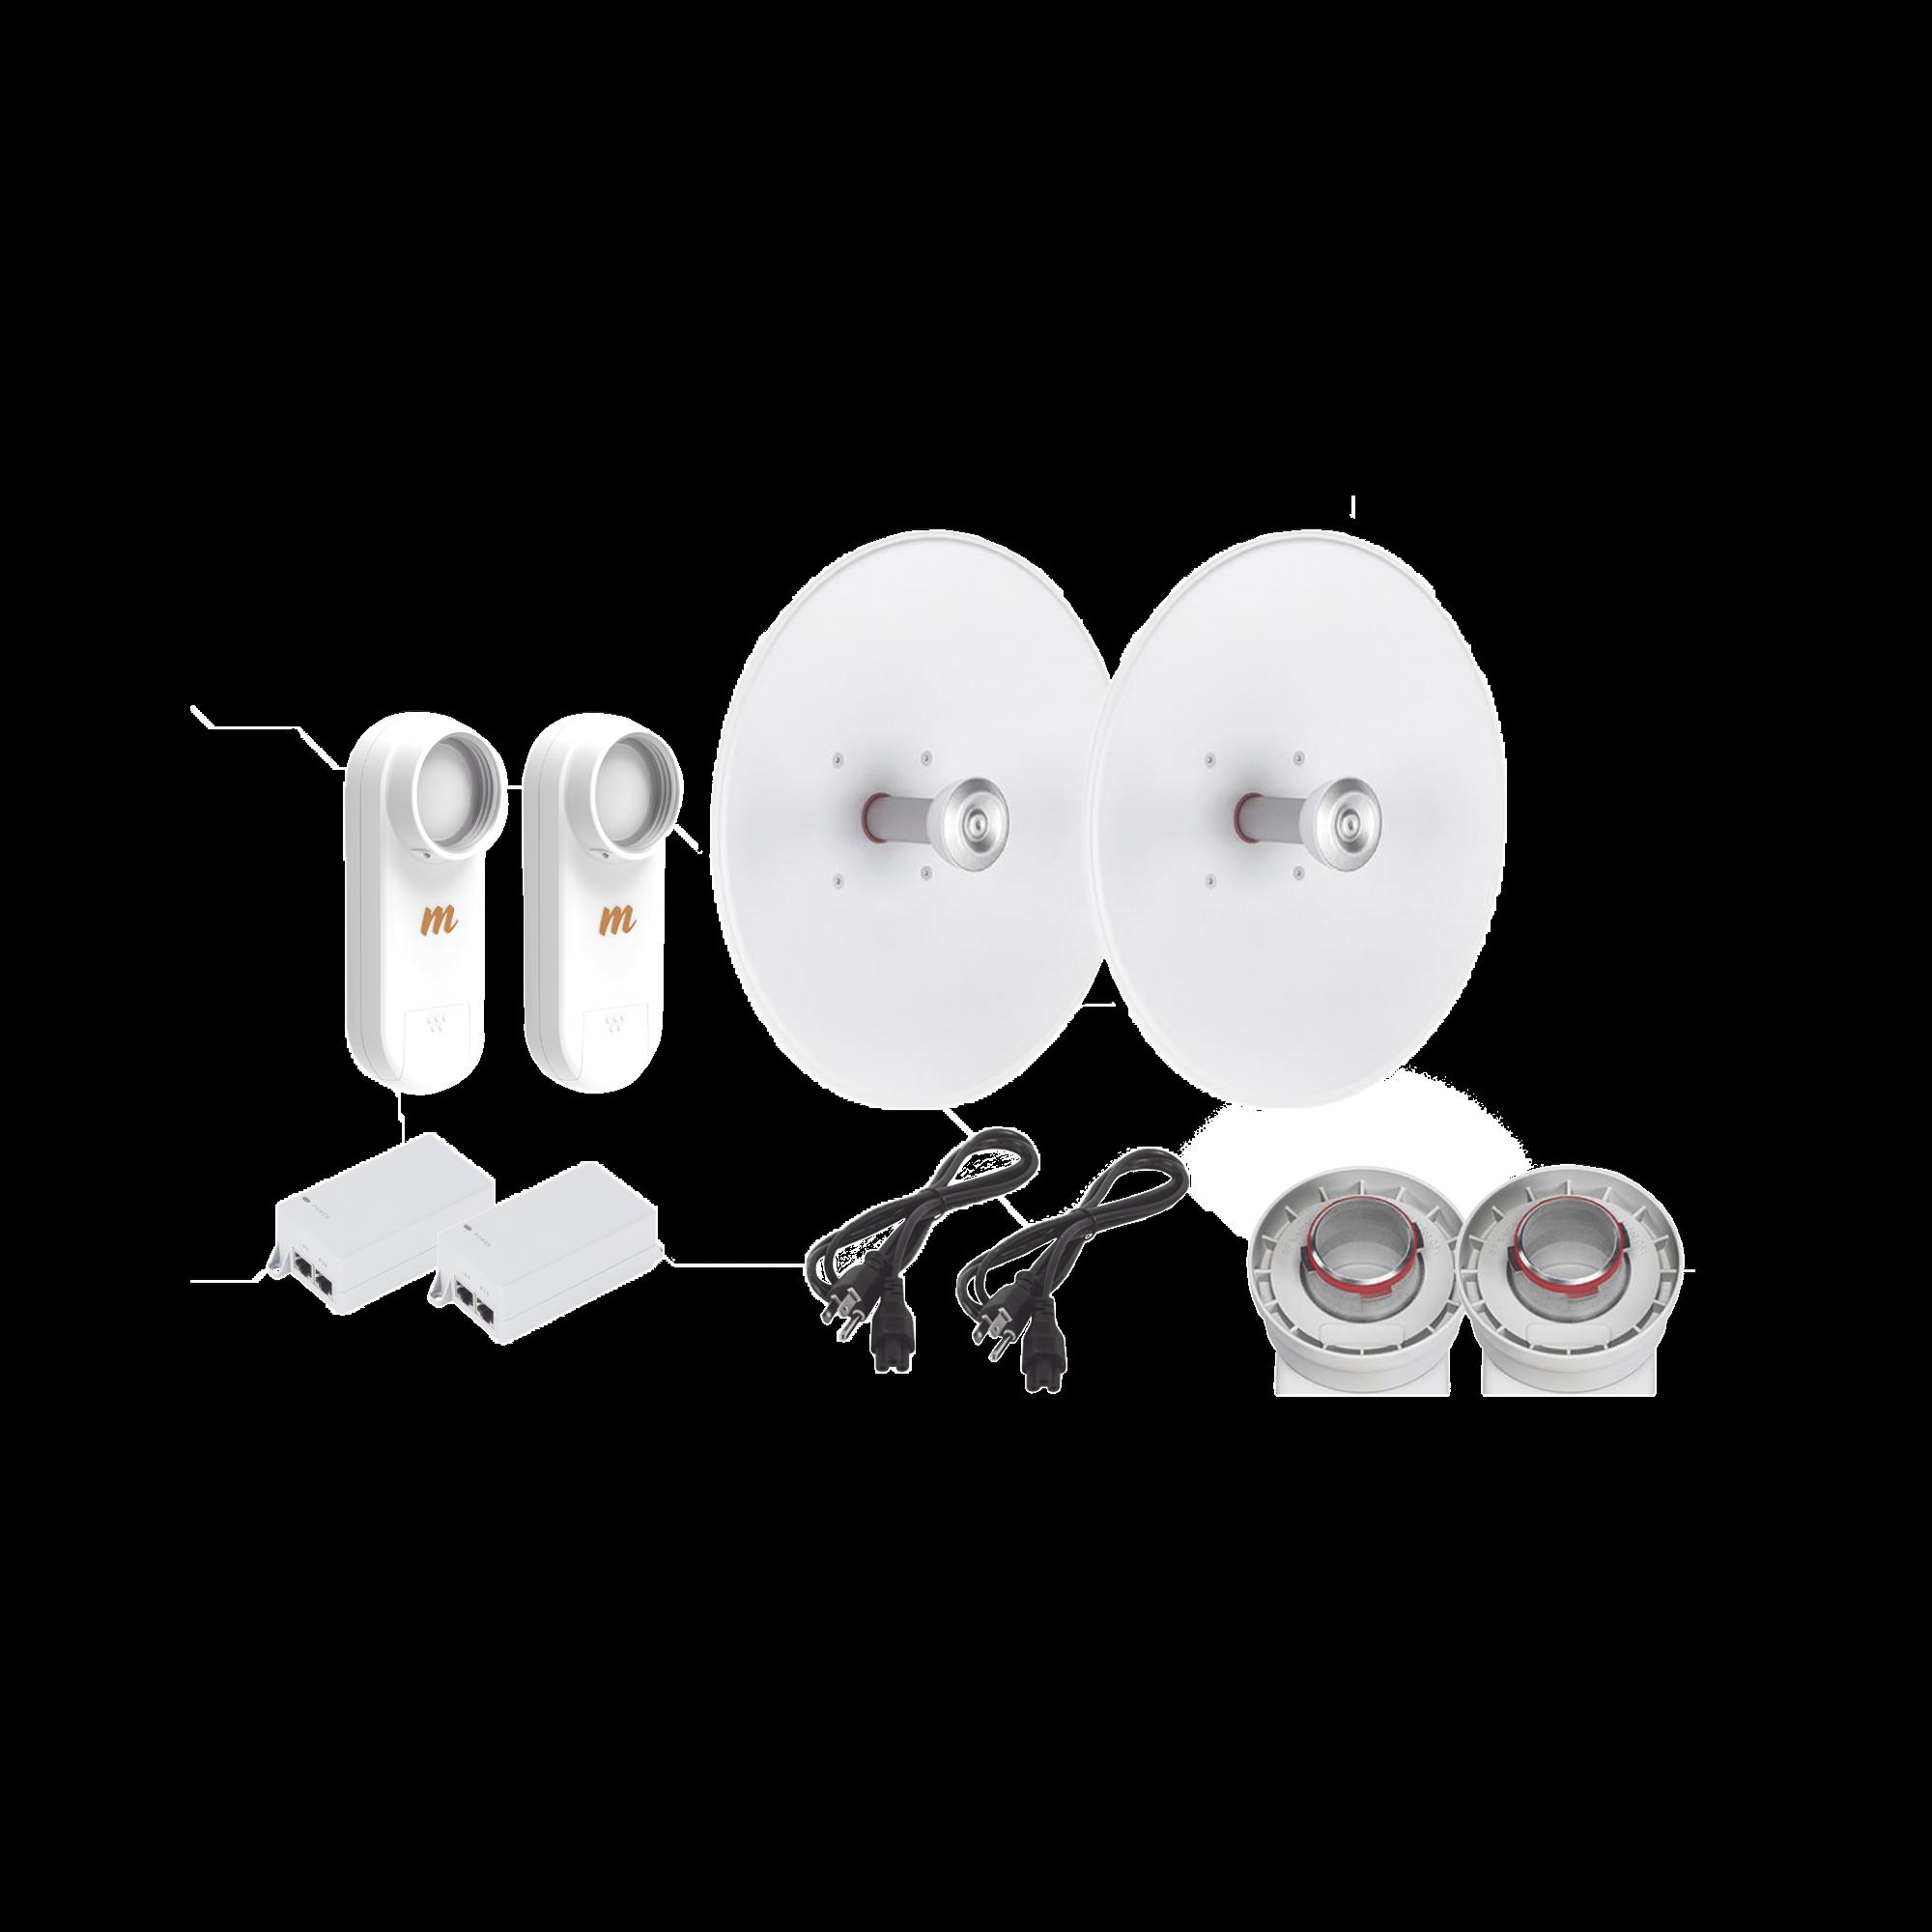 Enlace completo de 2 radios C5X con antenas UD-TP-27 (27 dBi), rango de frecuencia extendida (5.1 a 6.4 GHz),  incluye inyector POE y cable de alimentacion y adaptador para la antena